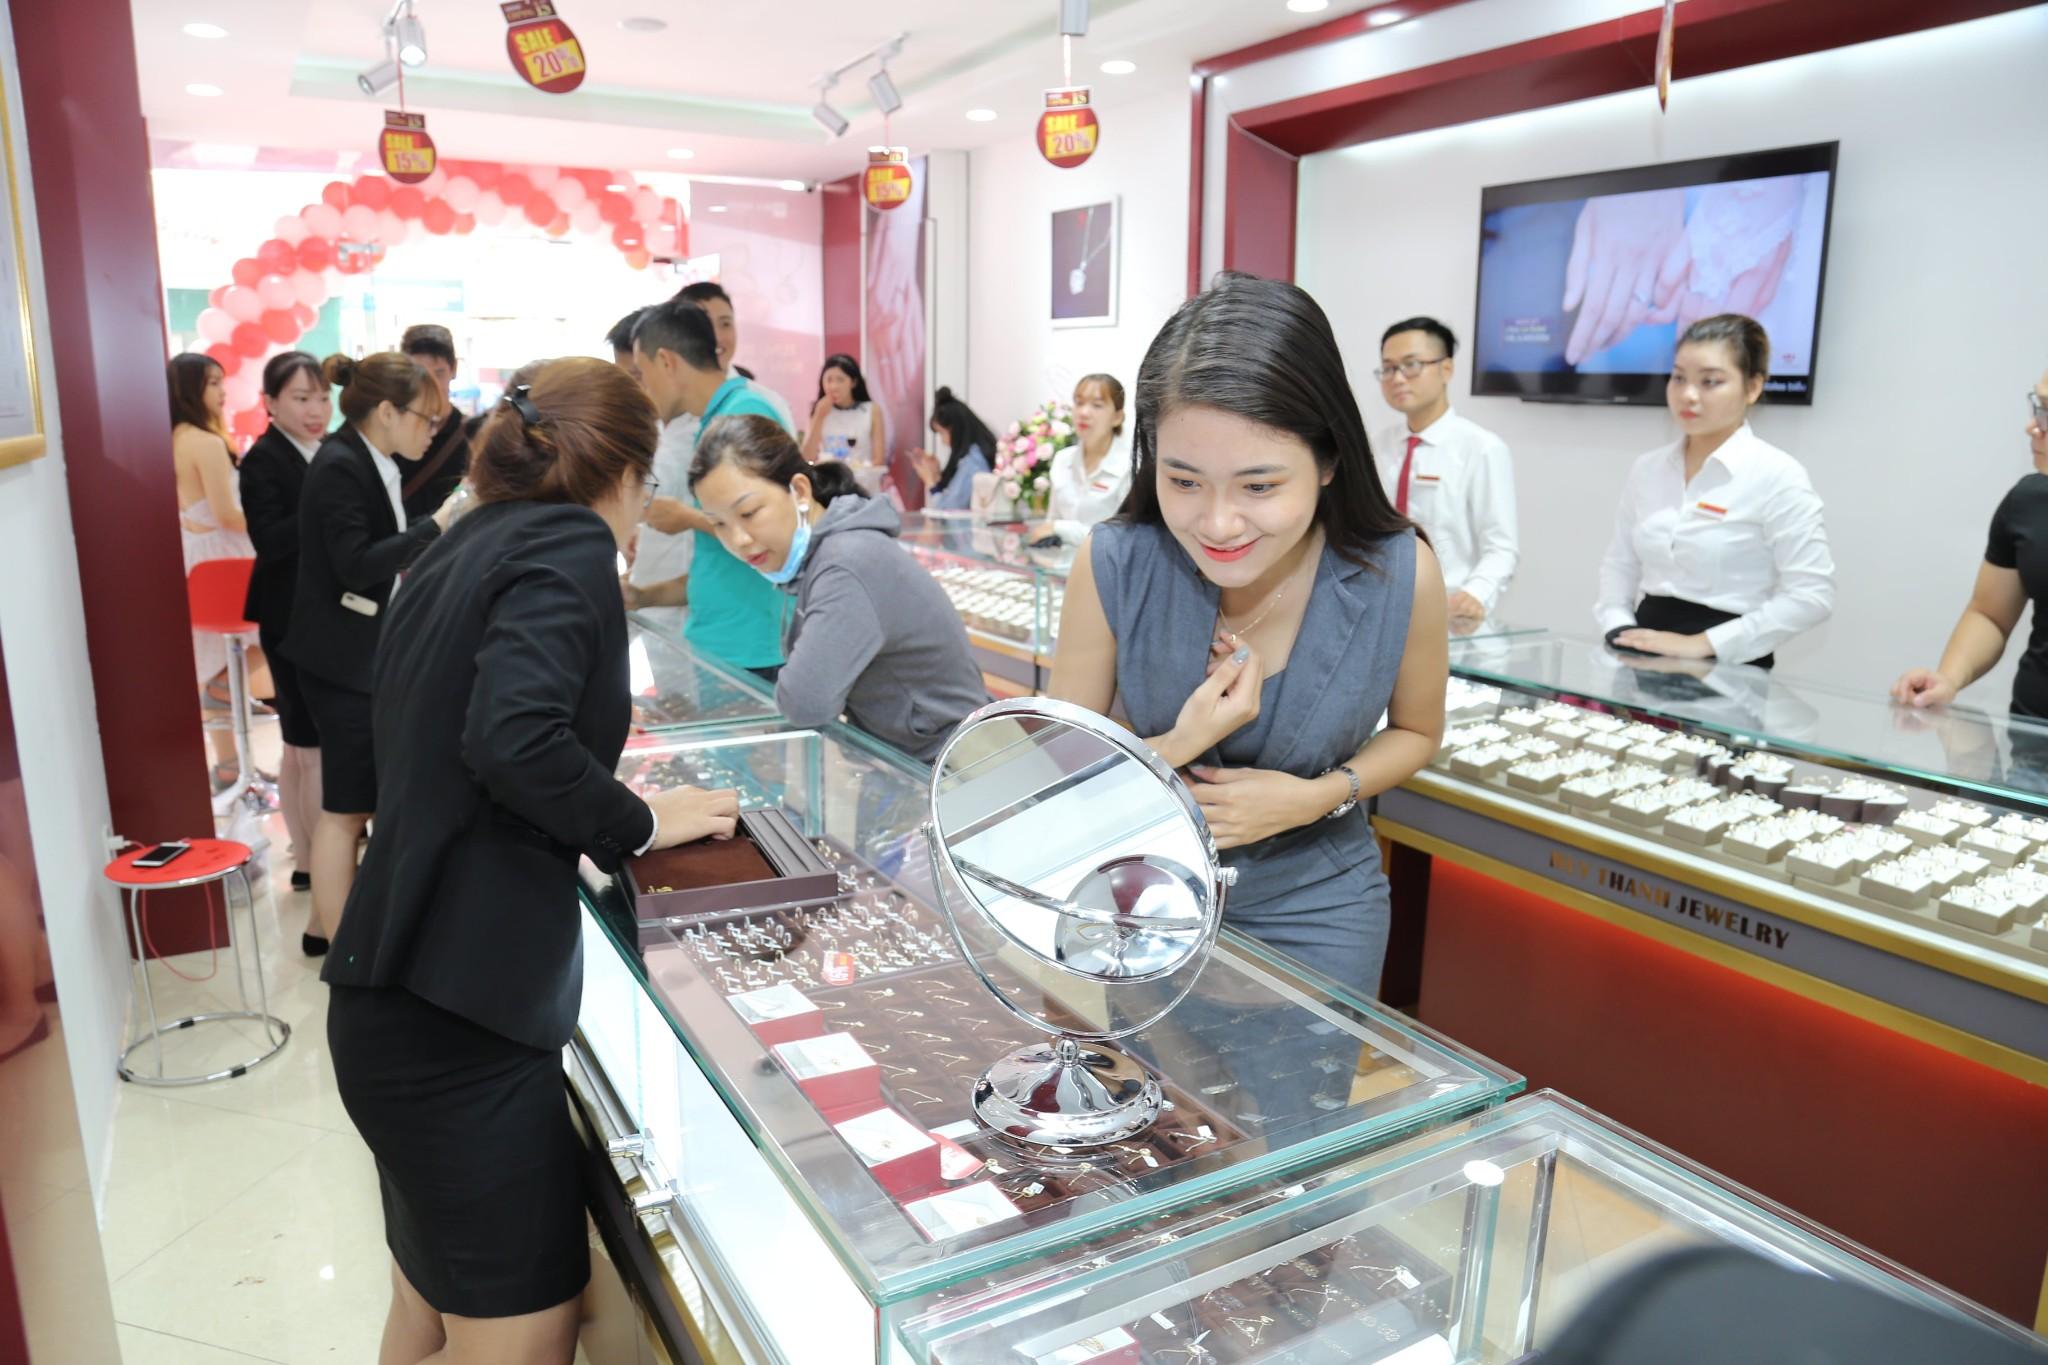 Giới trẻ Thái Nguyên háo hức chào đón sự kiện khai trương Huy Thanh Jewelry - Ảnh 6.